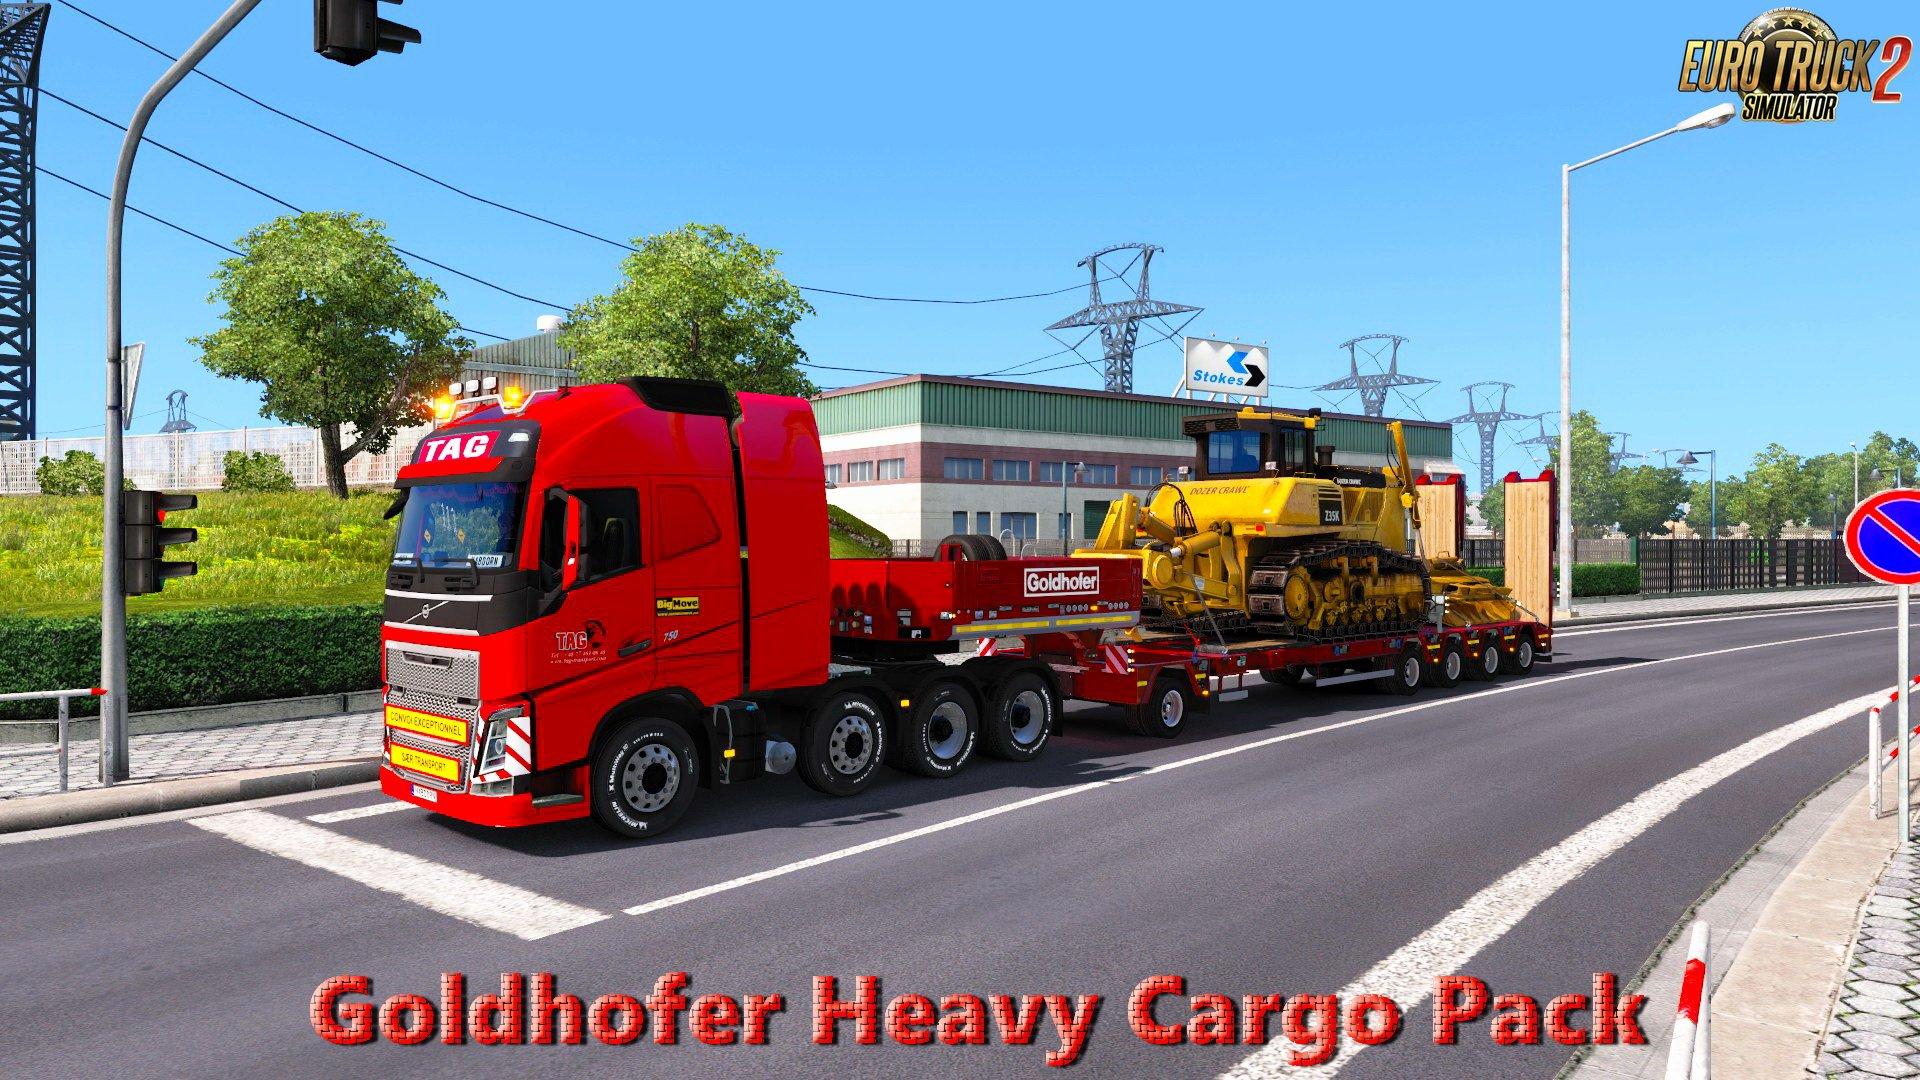 goldhofer heavy cargo pack ets2 mods euro truck simulator 2 mods ets2mods lt. Black Bedroom Furniture Sets. Home Design Ideas